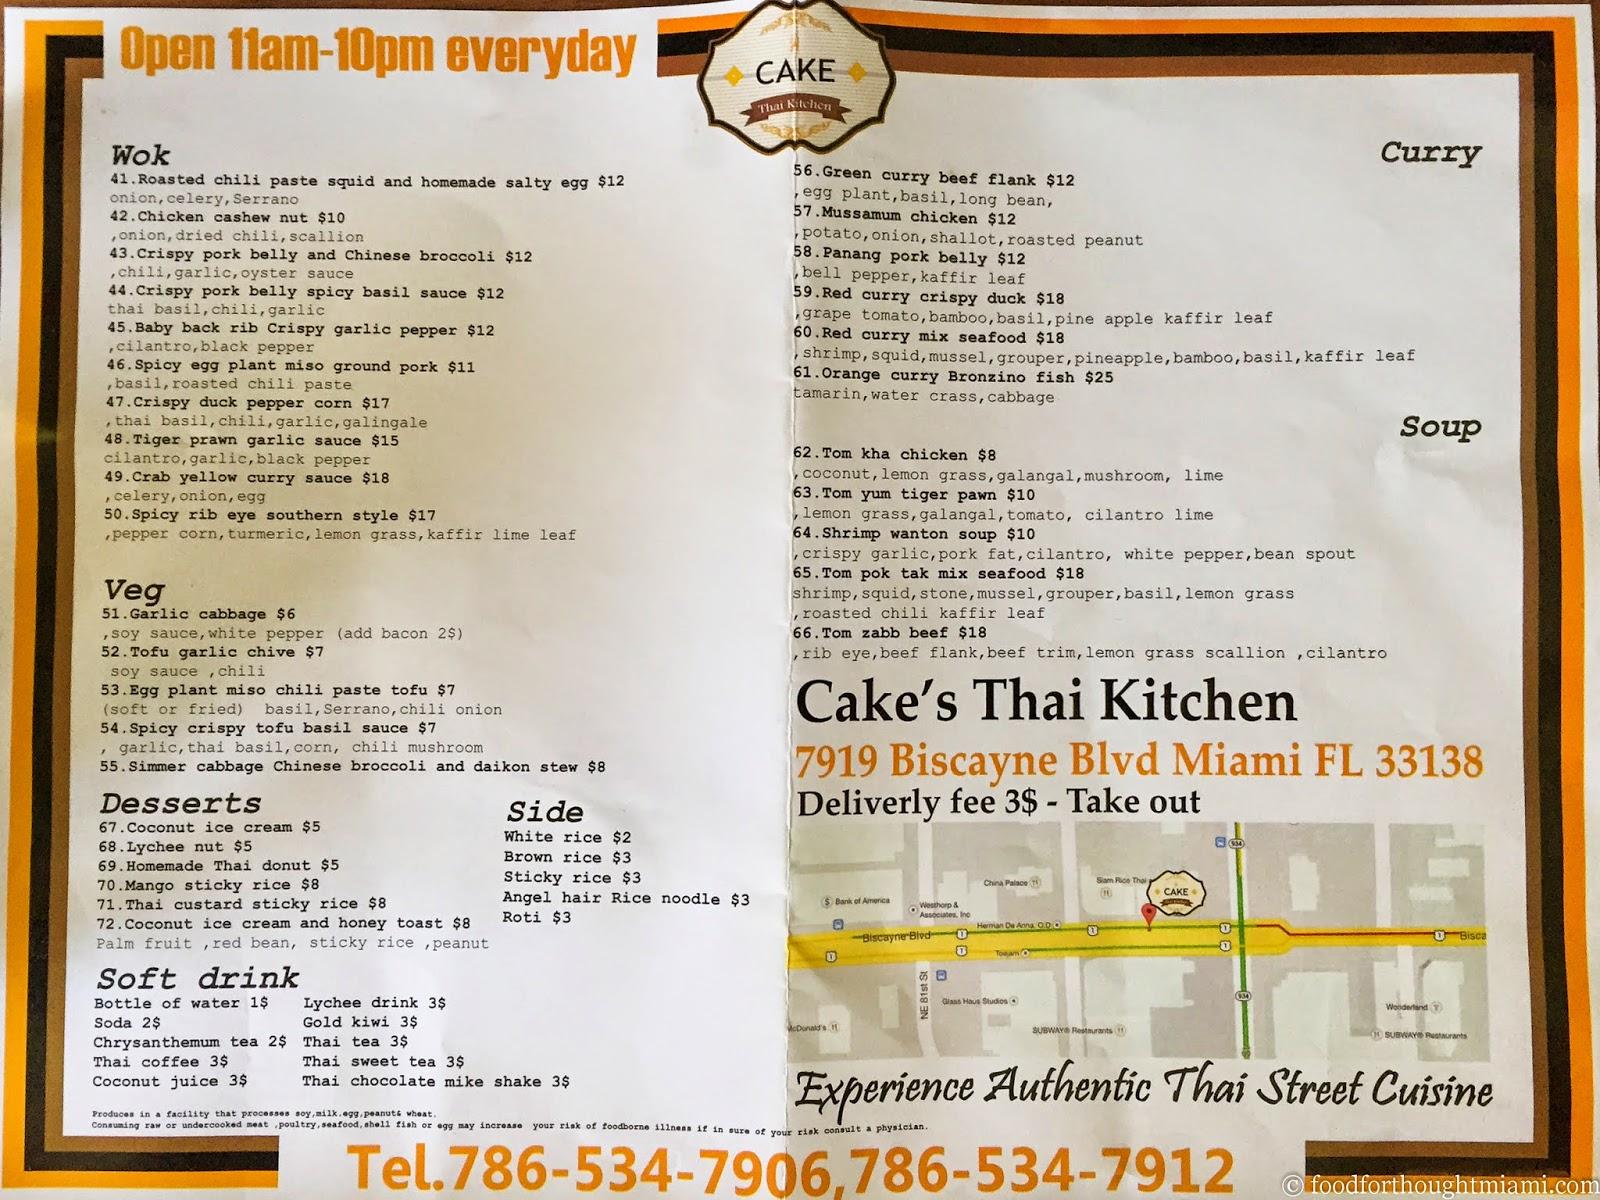 food for thought | a miami food blog: Cake Thai Kitchen - Miami